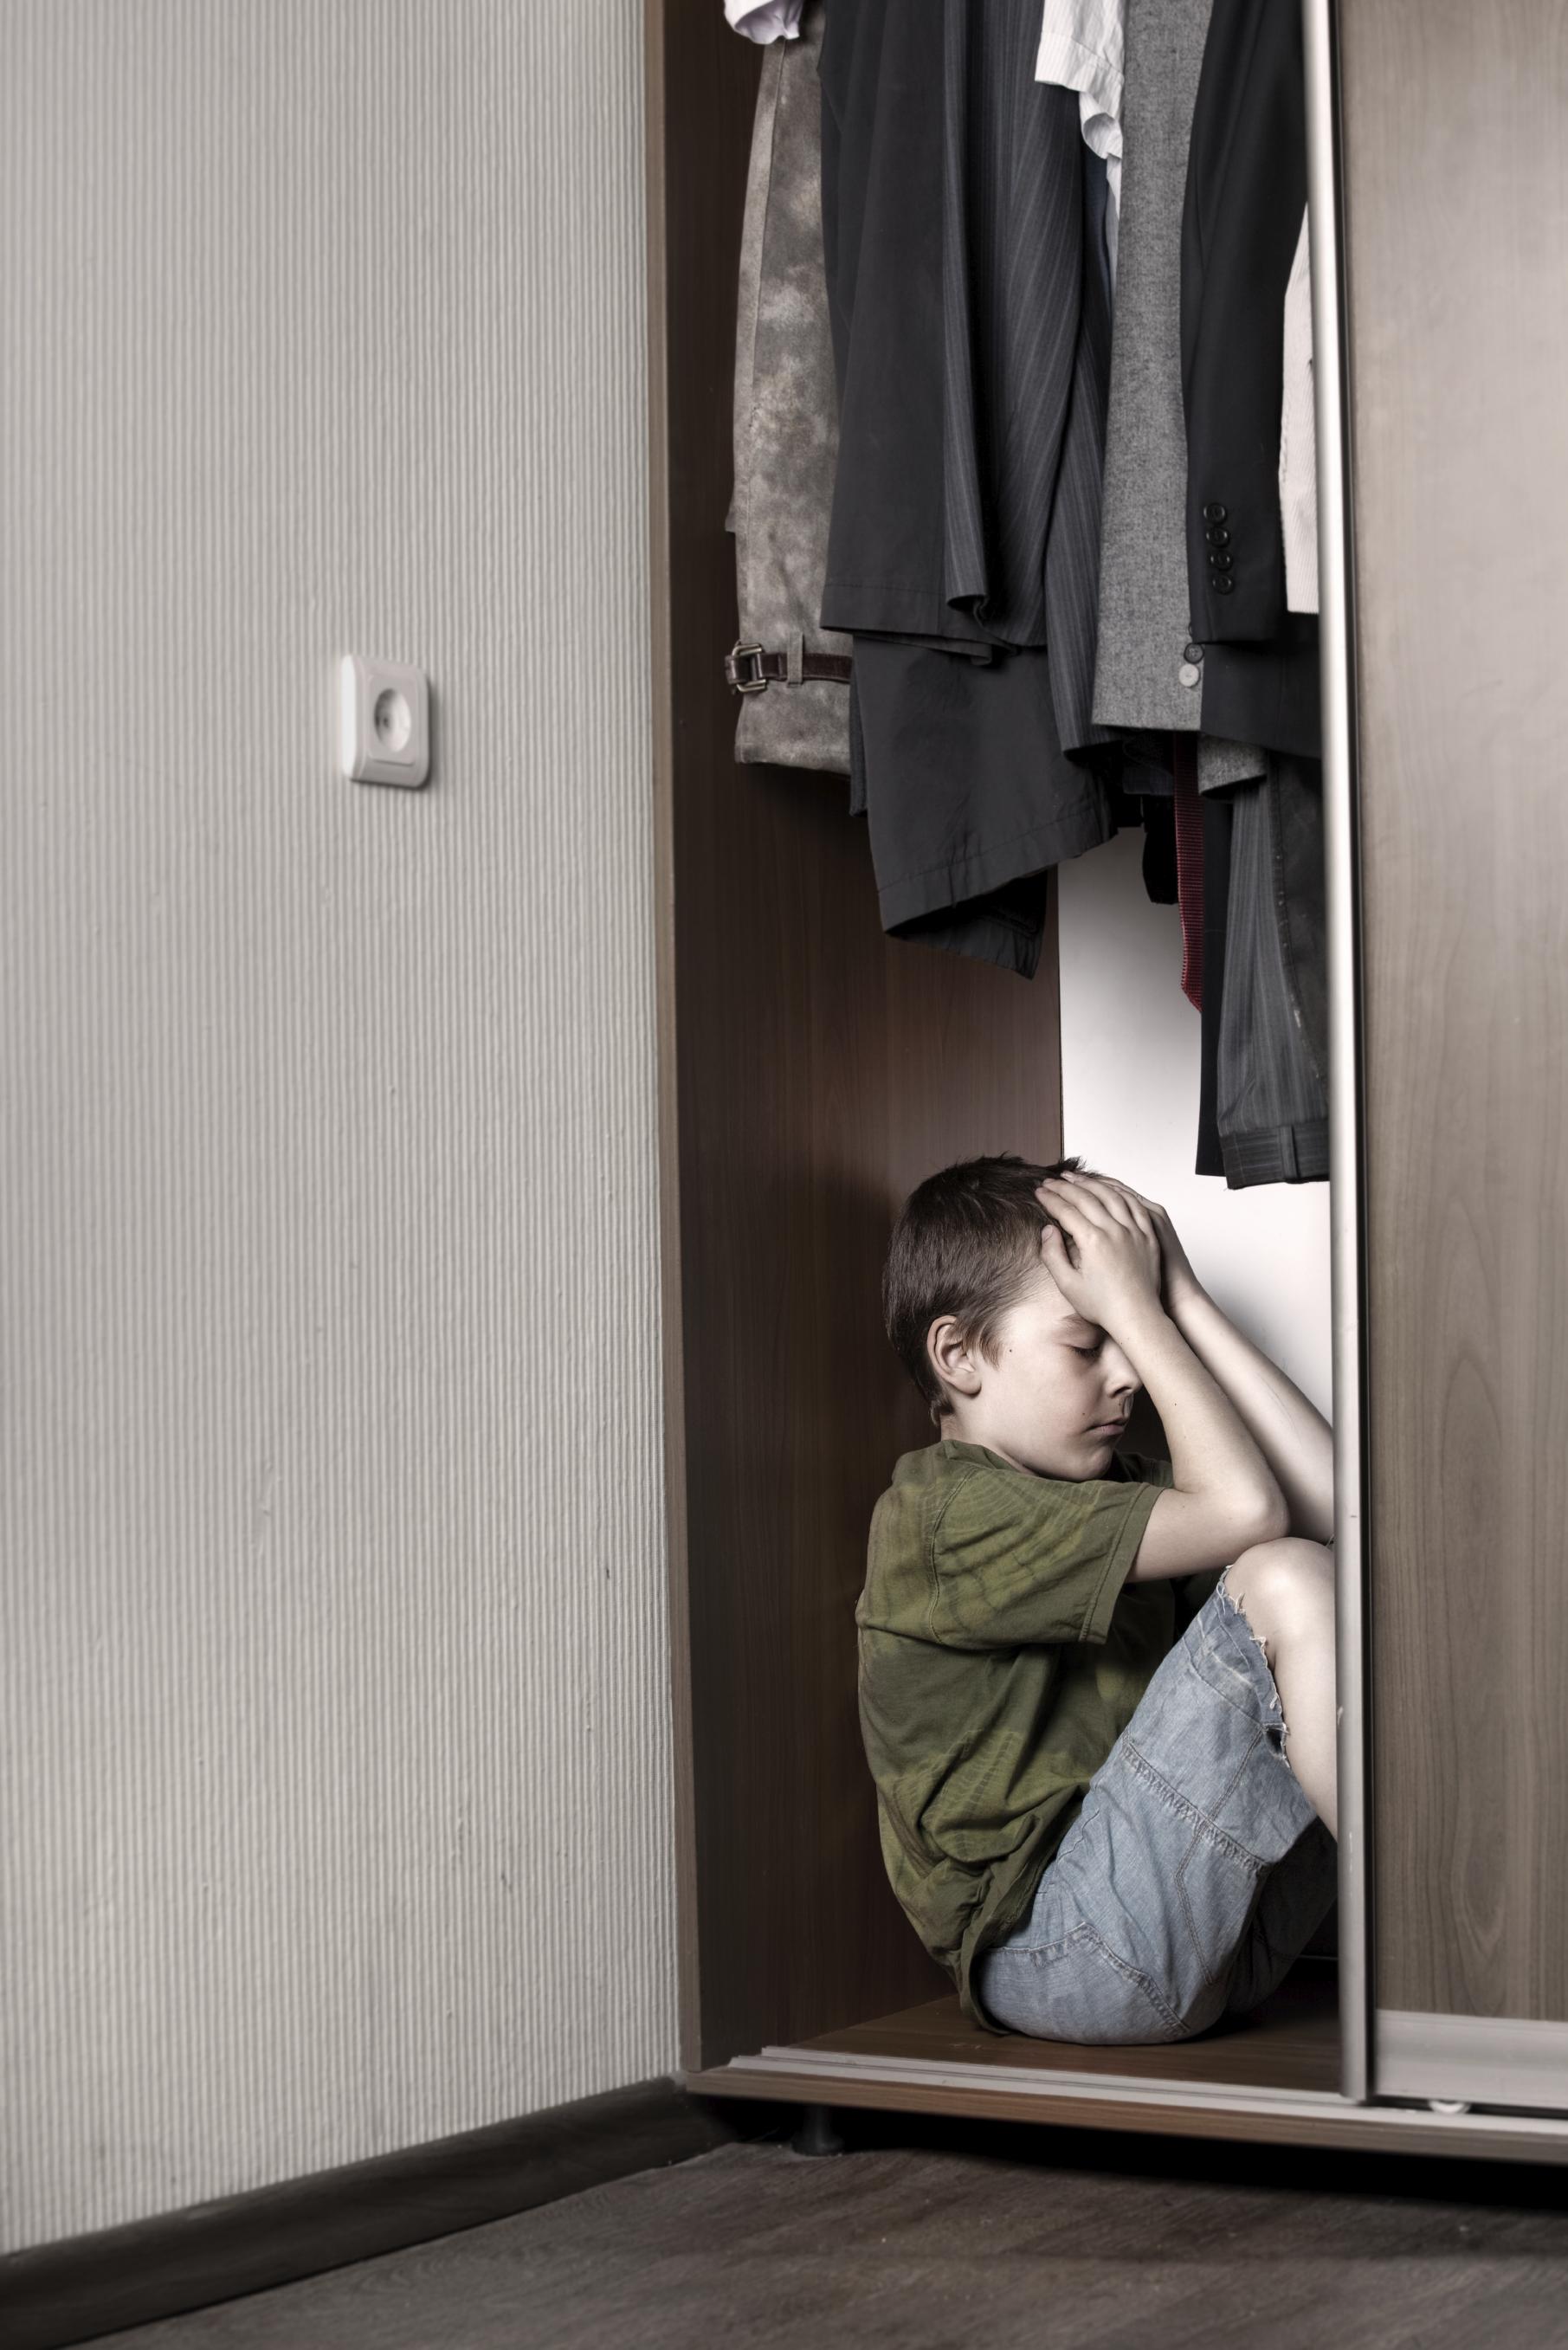 парень прятался в шкафу когда девушка с короткой стрижкой остановки